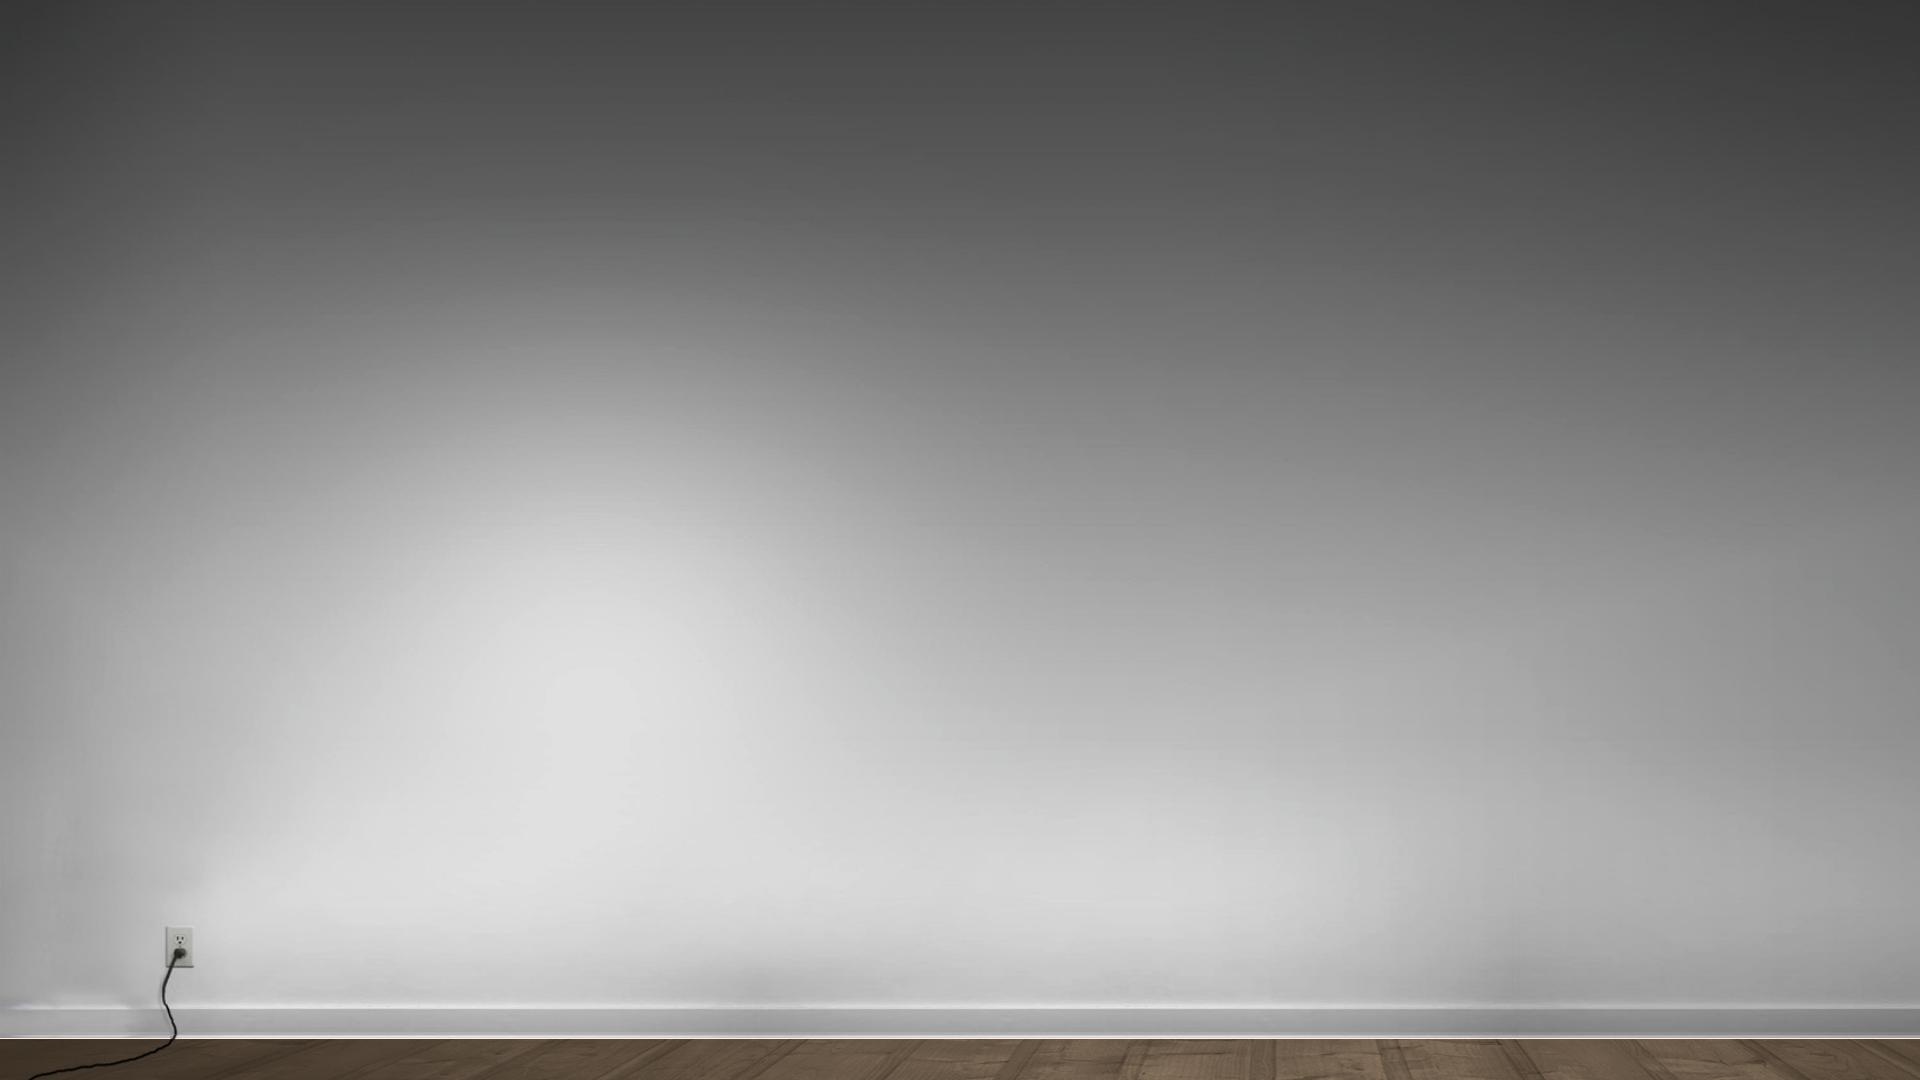 minimalist wallpaper   Imgur 1920x1080